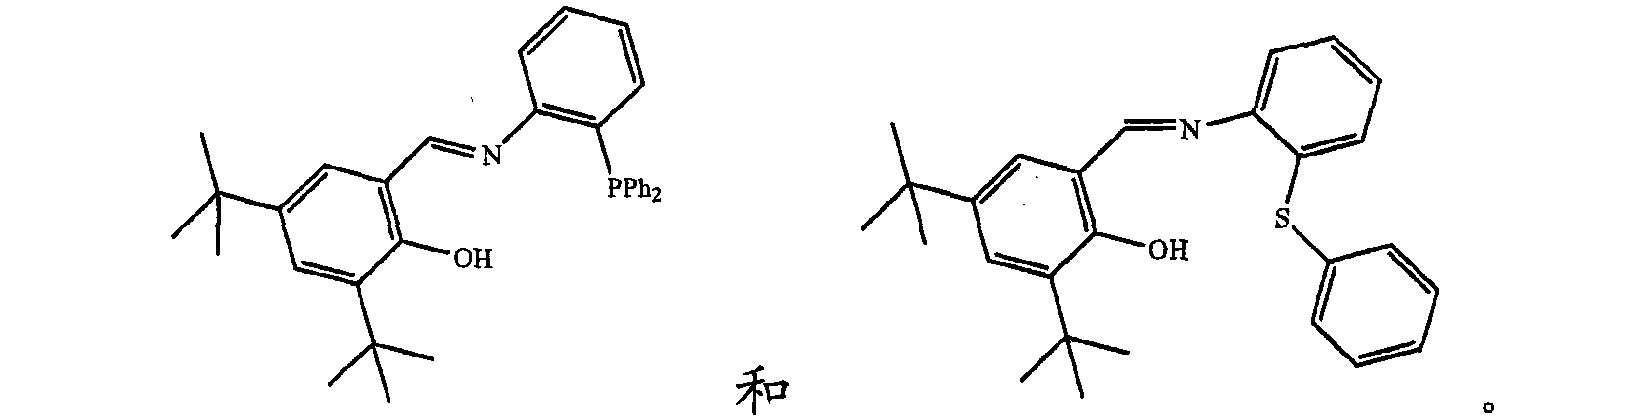 Figure CN102964479AC00062